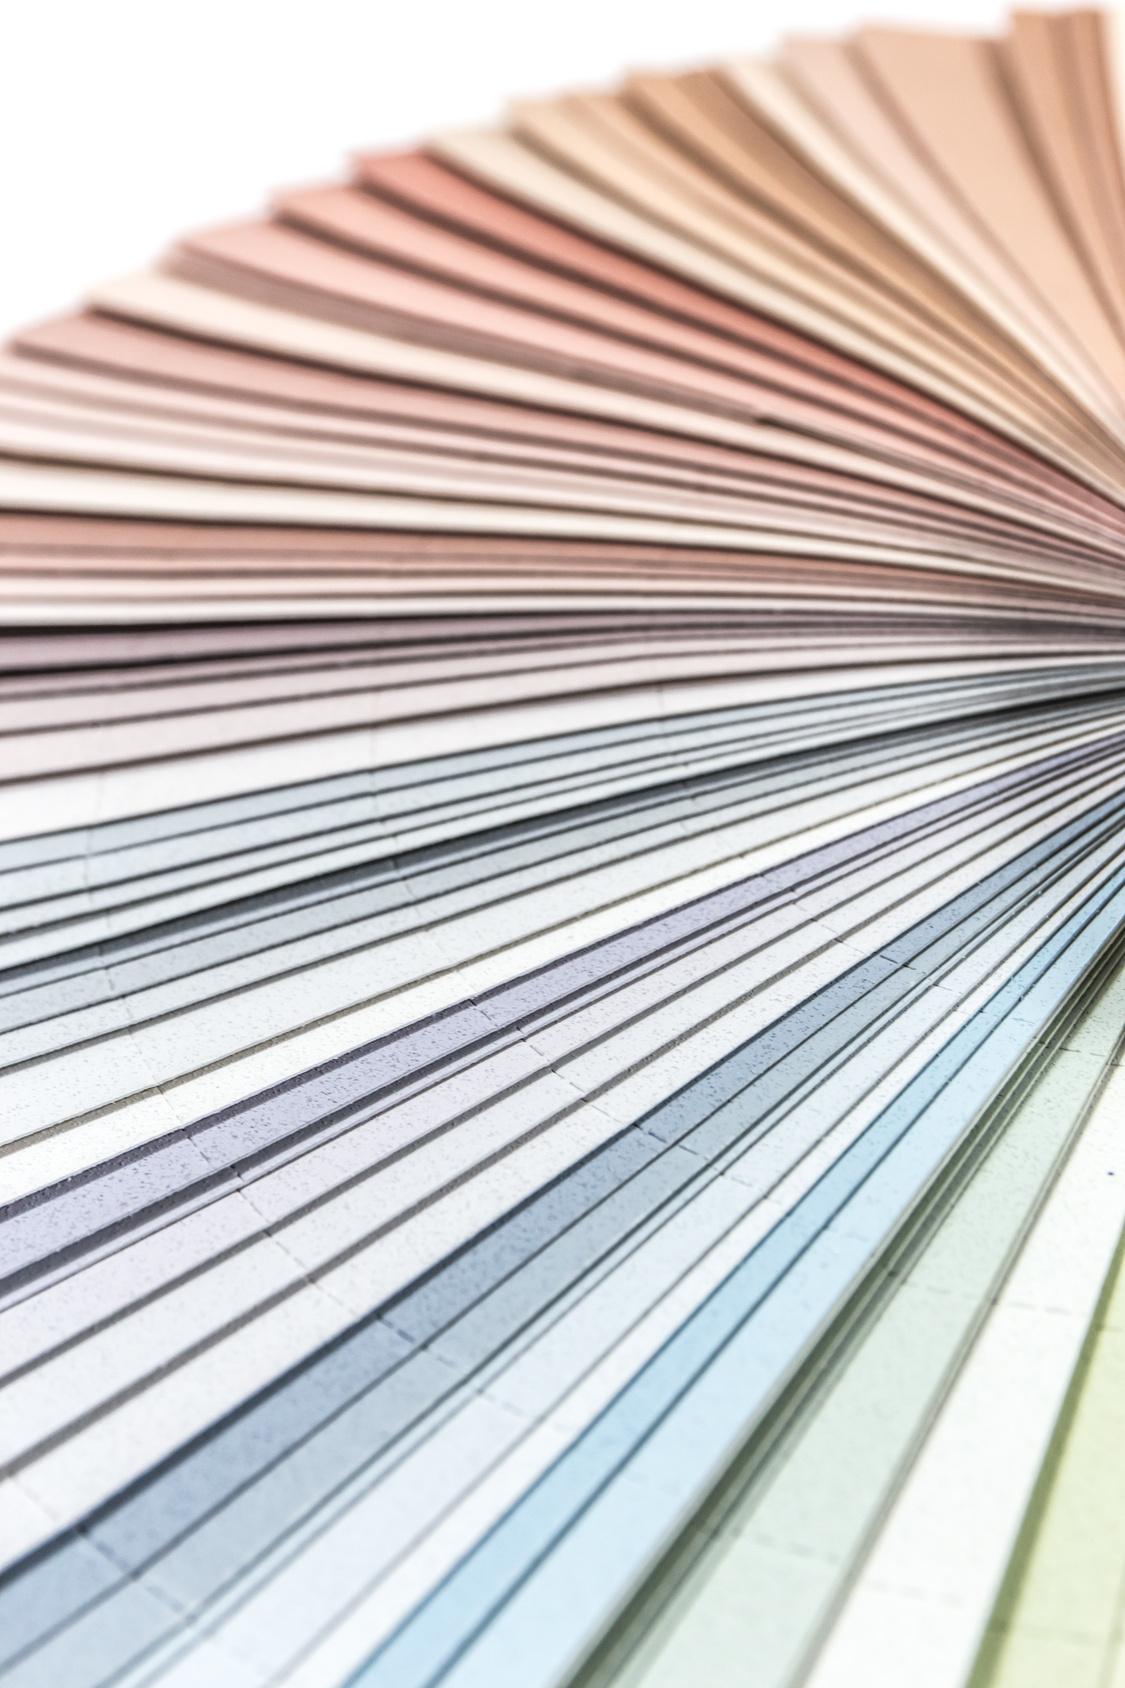 lehmfarben gesunde farbe aus nat rlichen zutaten malermeister heilig. Black Bedroom Furniture Sets. Home Design Ideas